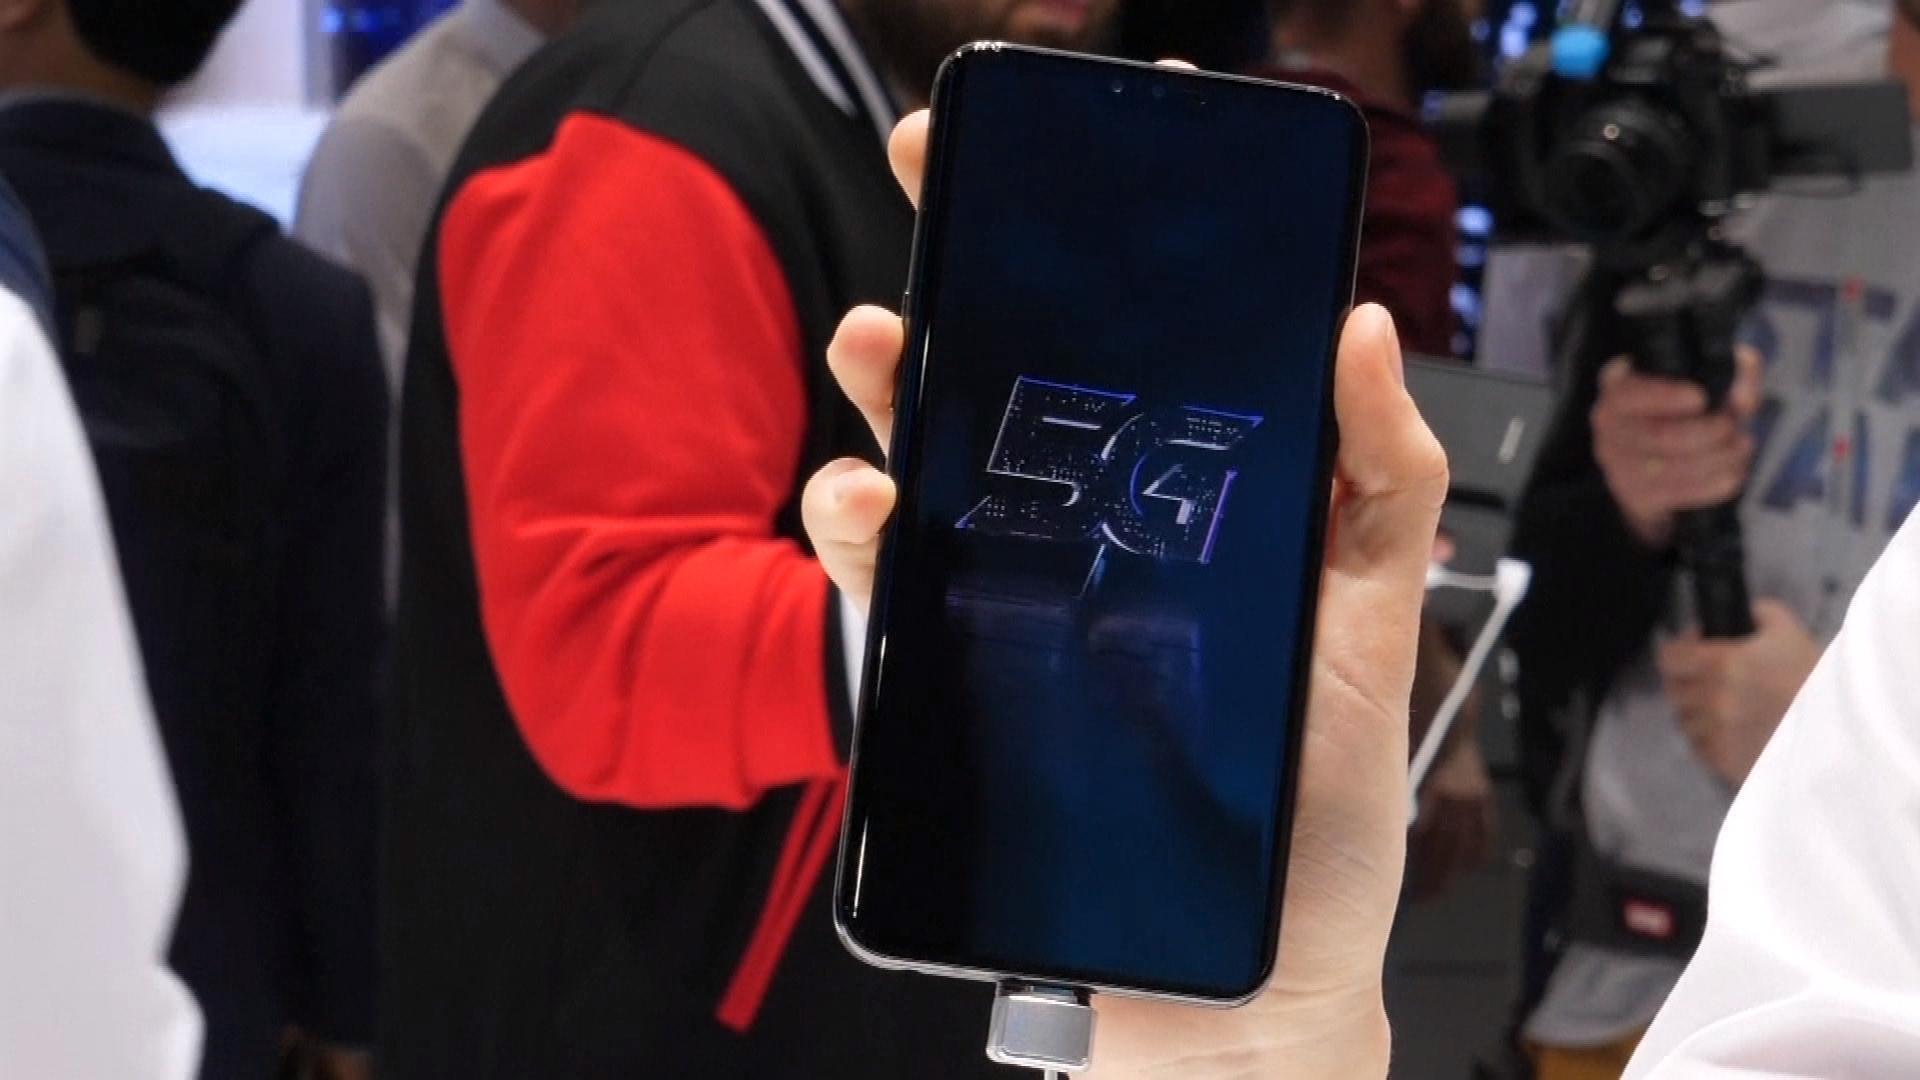 Focus - Polémique autour de l'arrivée de la 5G